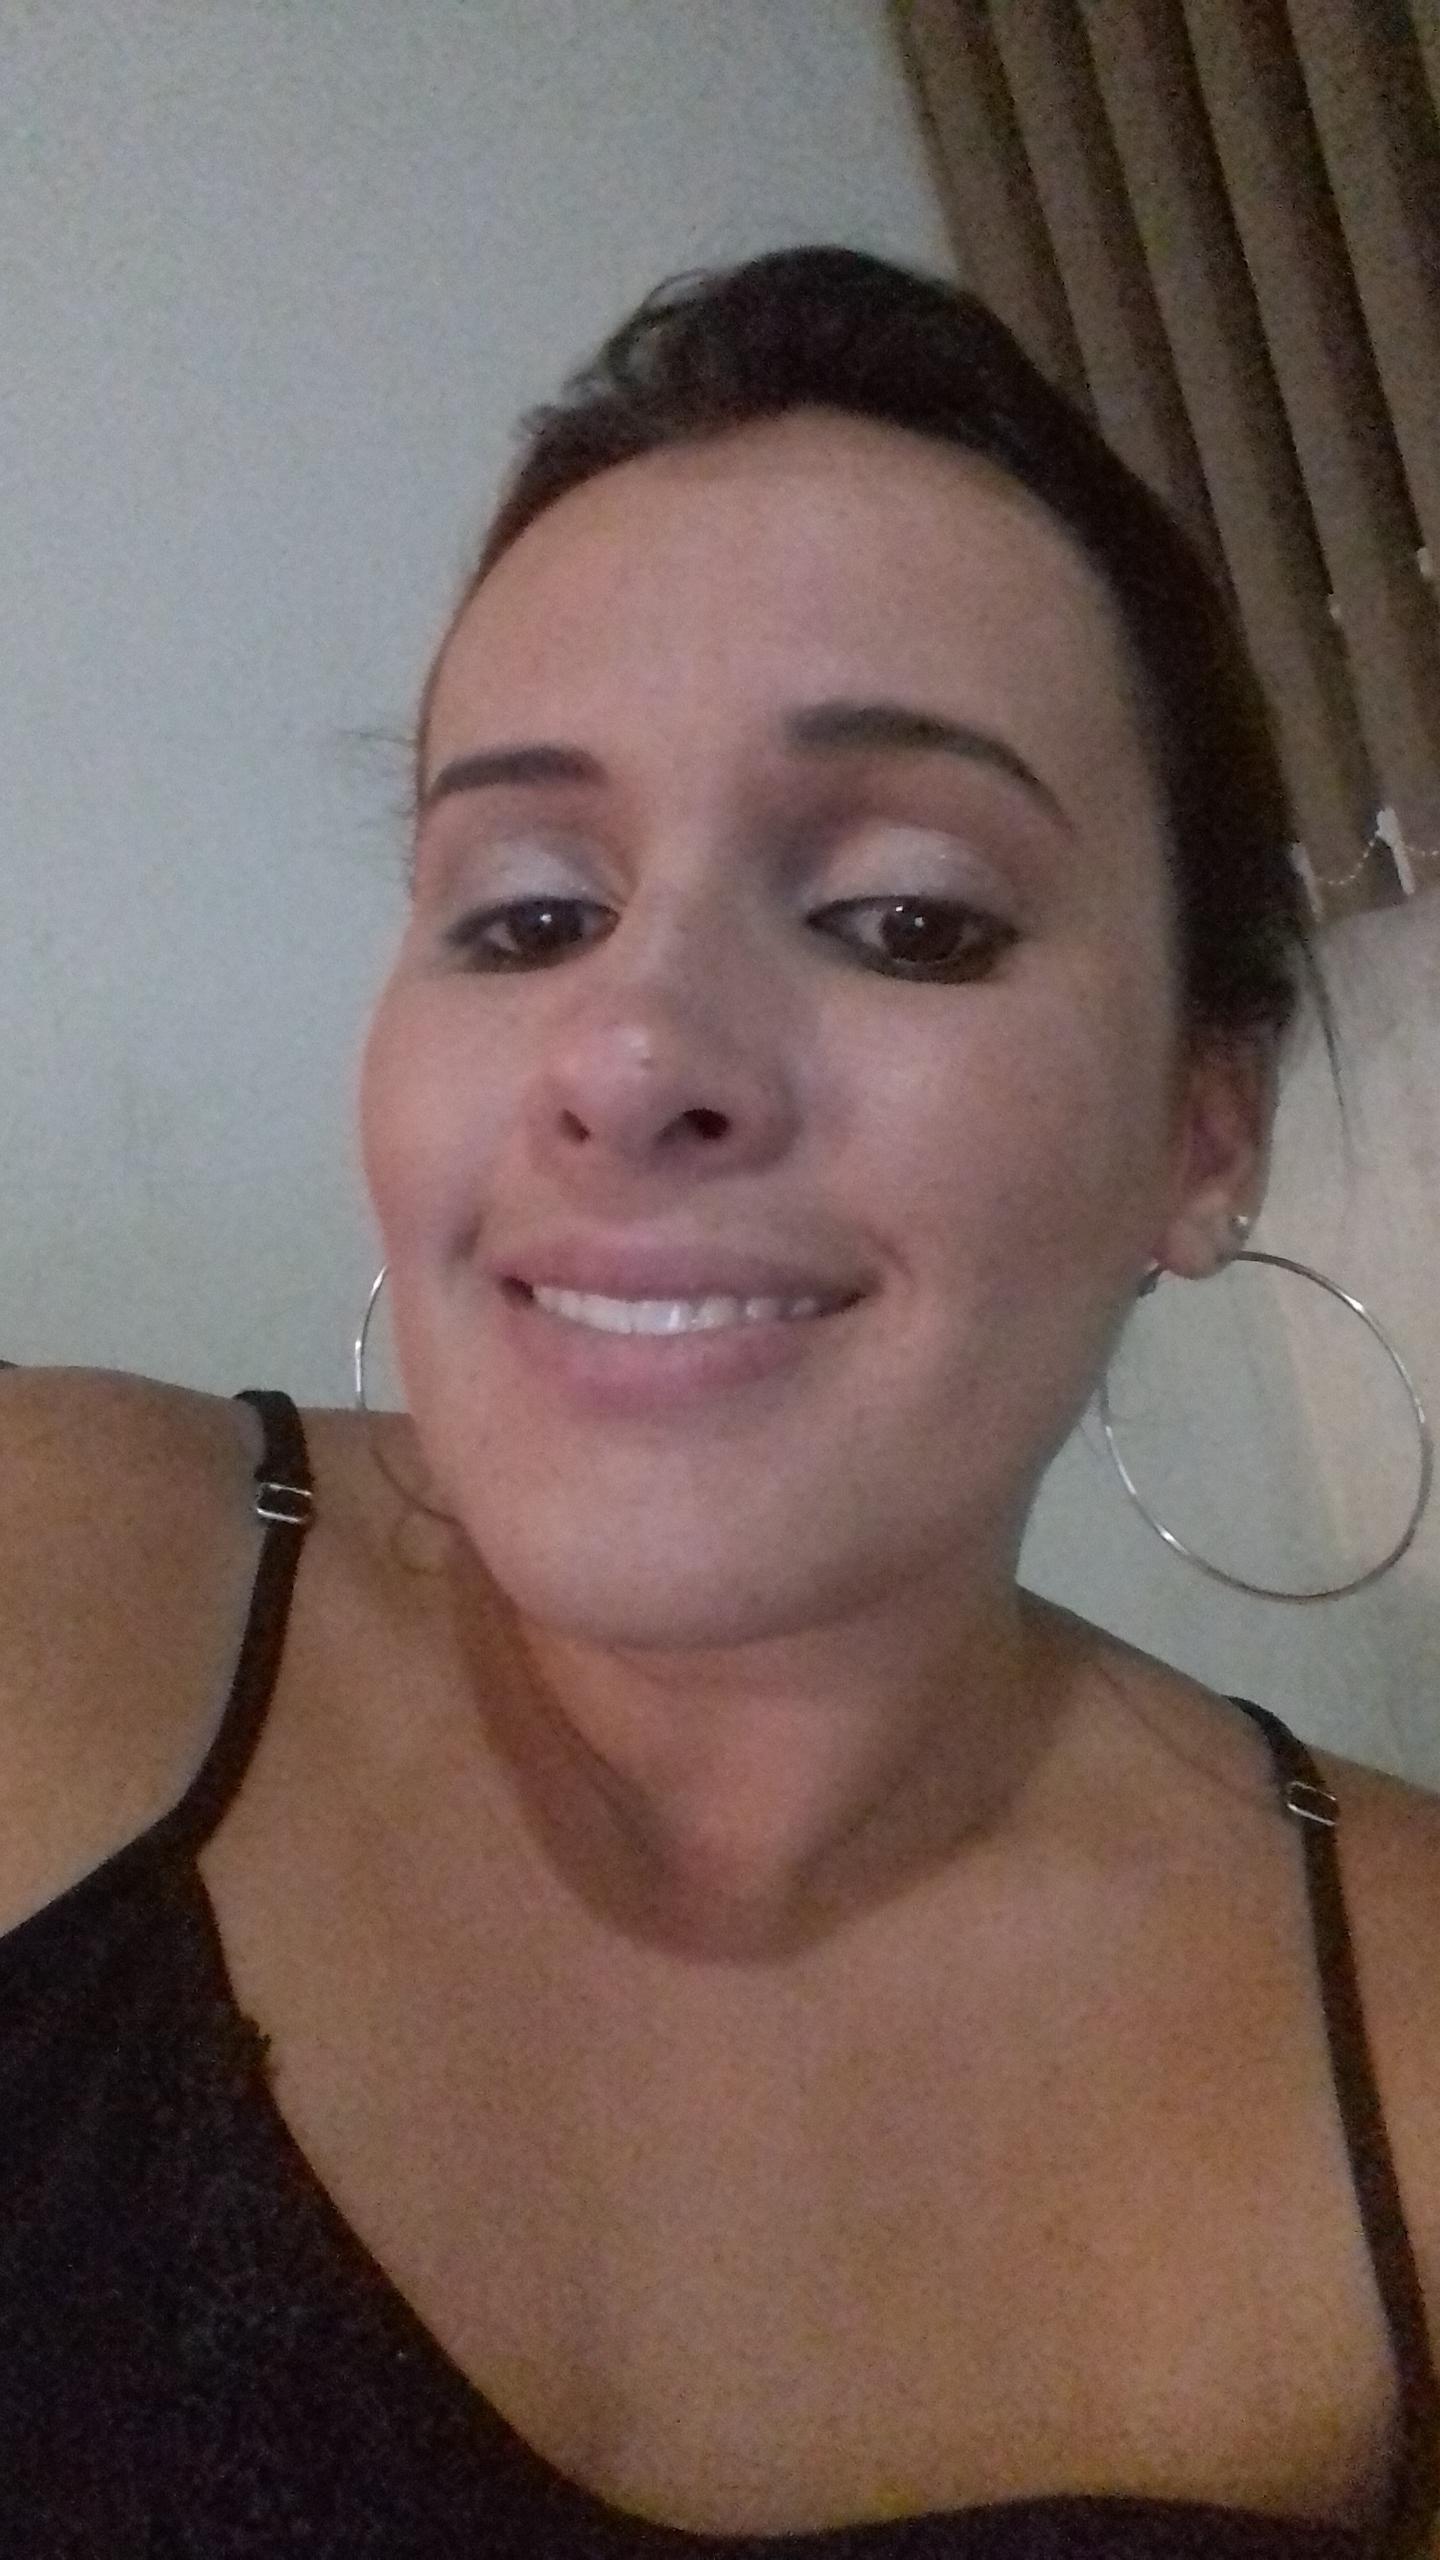 Sou podologa formada pelo Senac  já nove anos sou manicure ja 18 anos. outros podólogo(a)